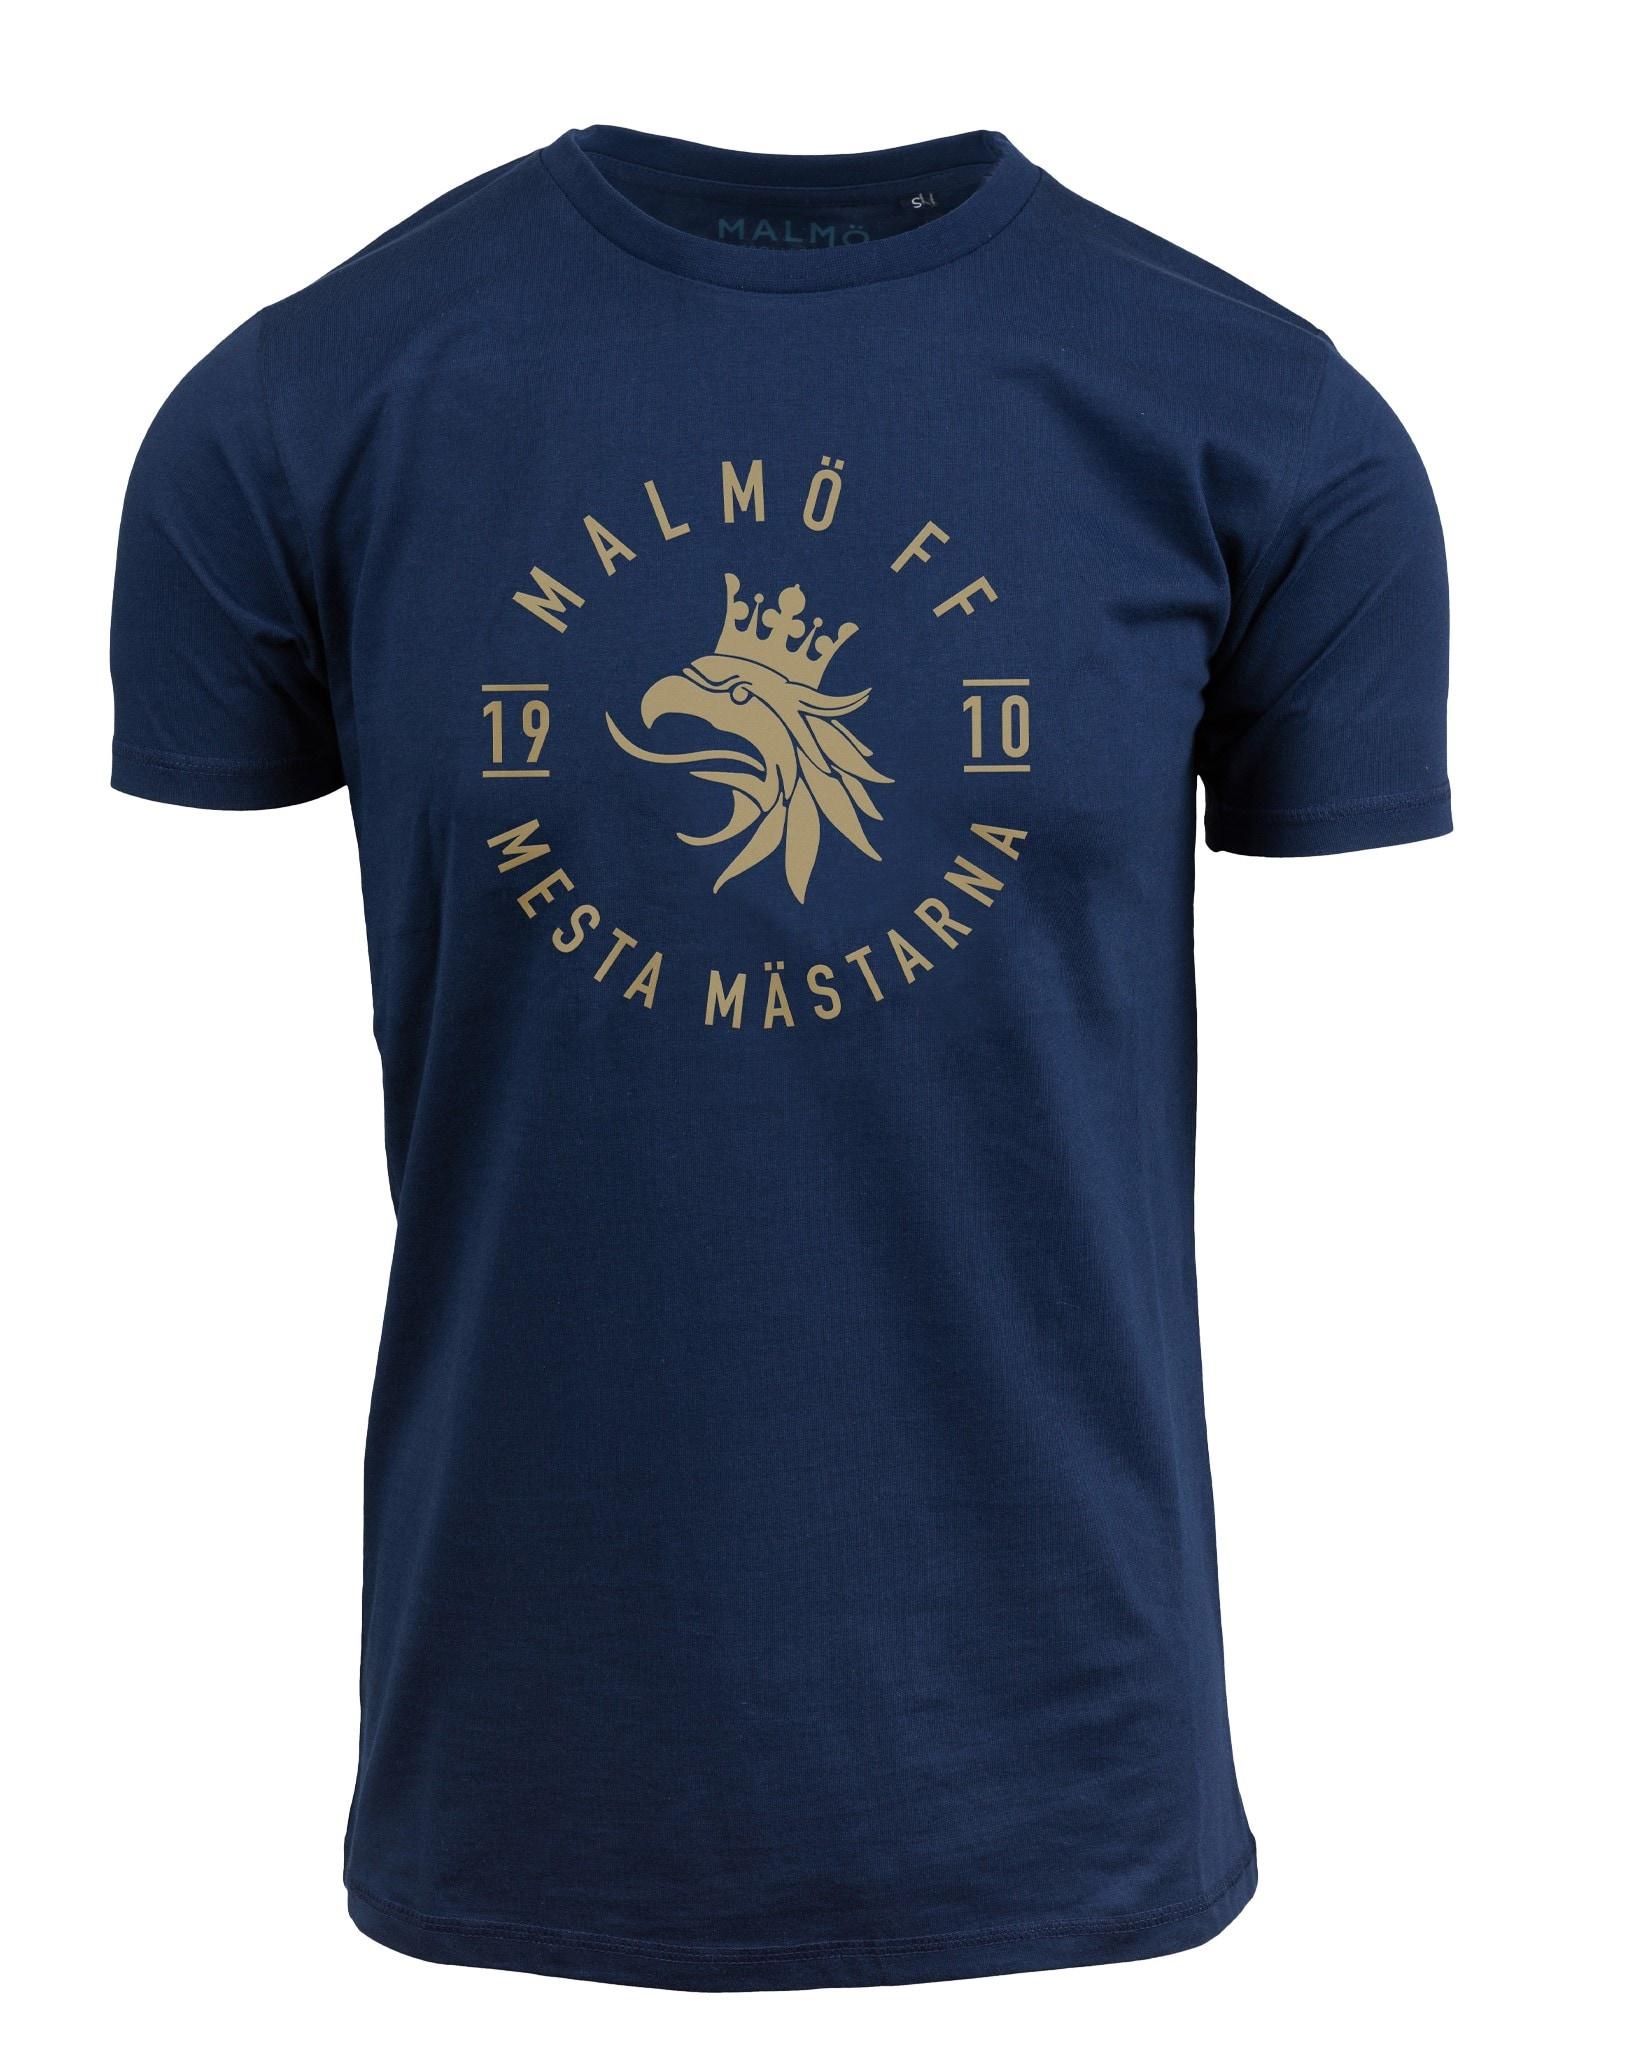 T-shirt gripen guld